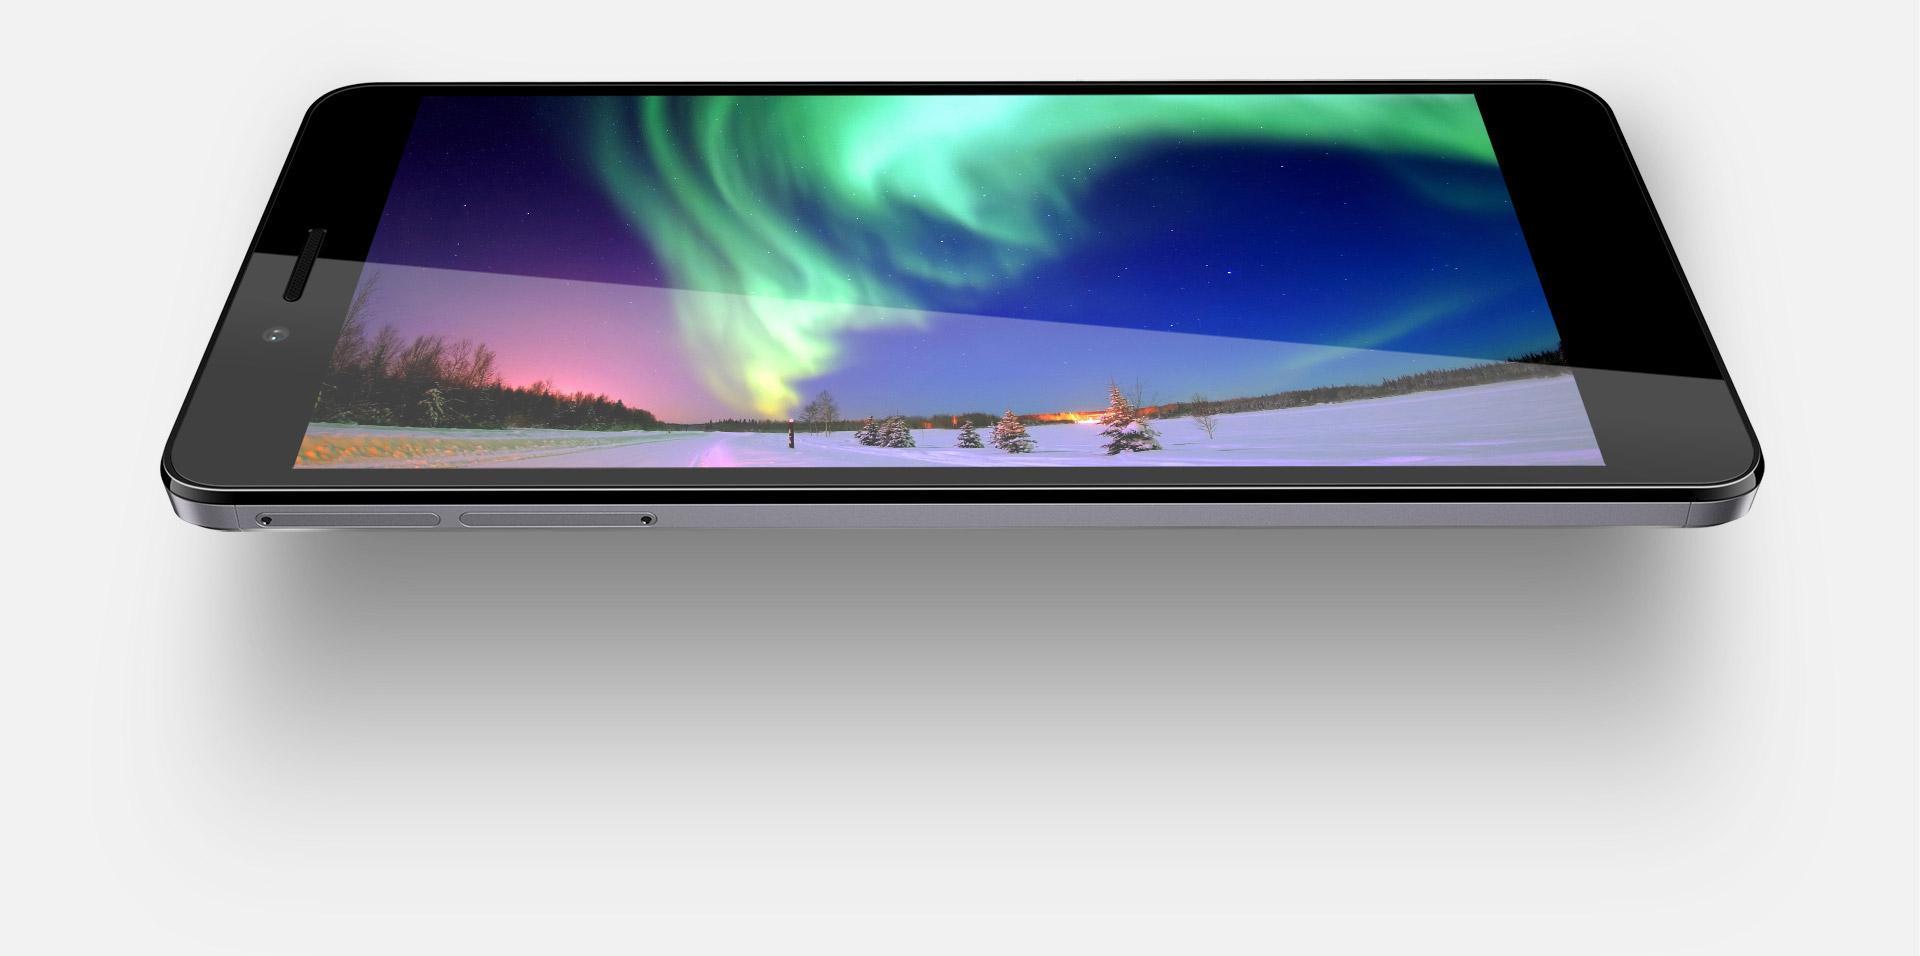 """Displej, který probudí váš obsah k životu, Huawei Honor 5X nabízí rozměrný 5.5"""" displej s Full HD rozlišením."""